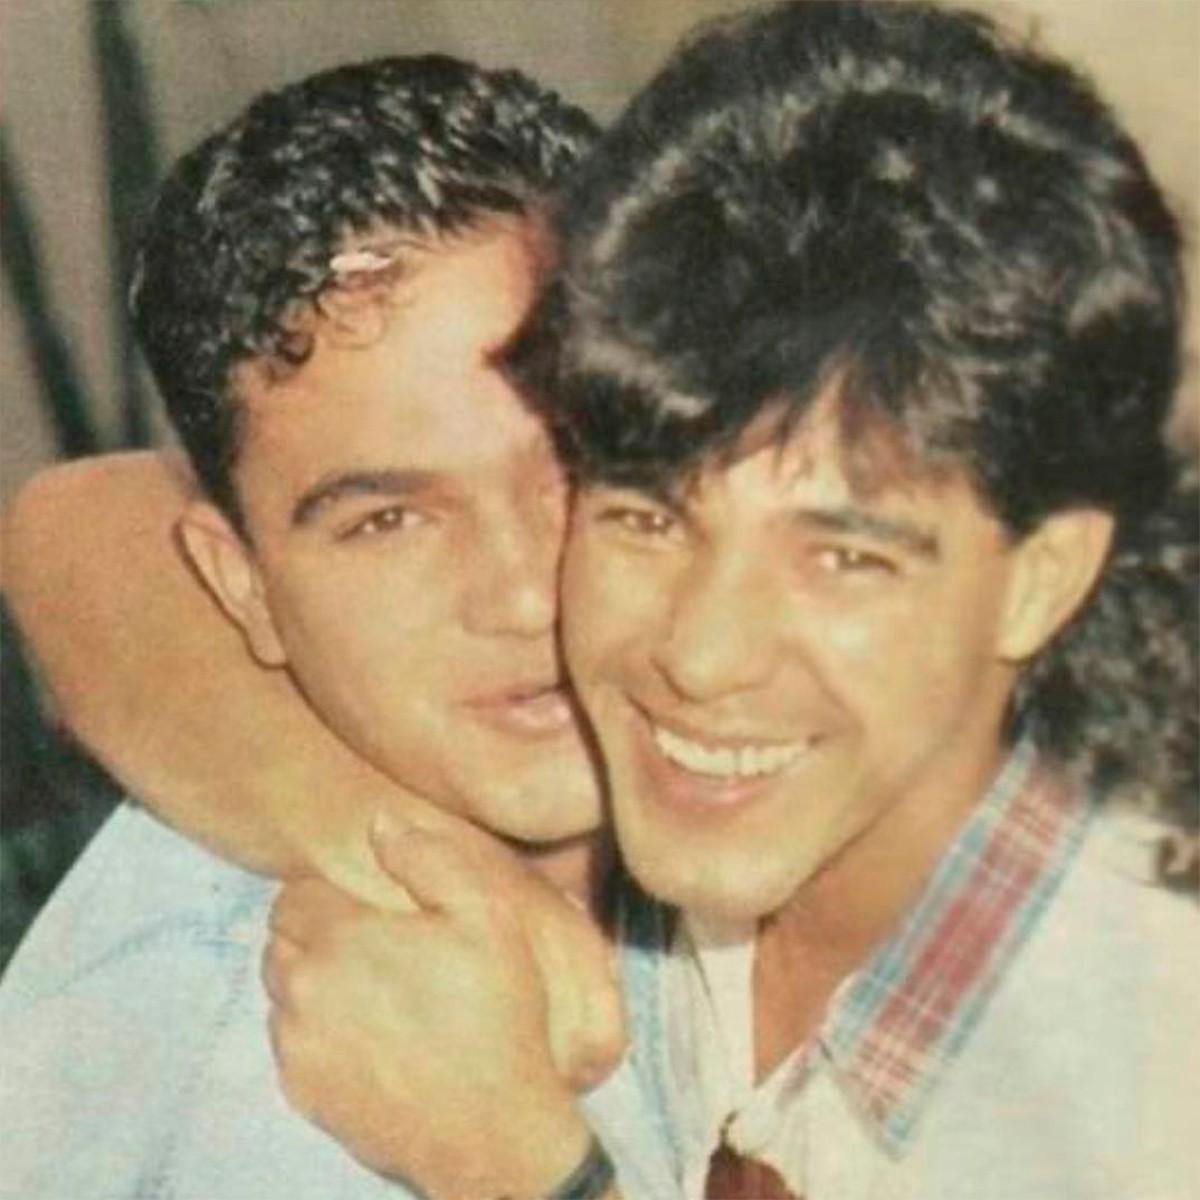 Zezé Di Camargo e Luciano no começo da dupla (Foto: Divulgação)